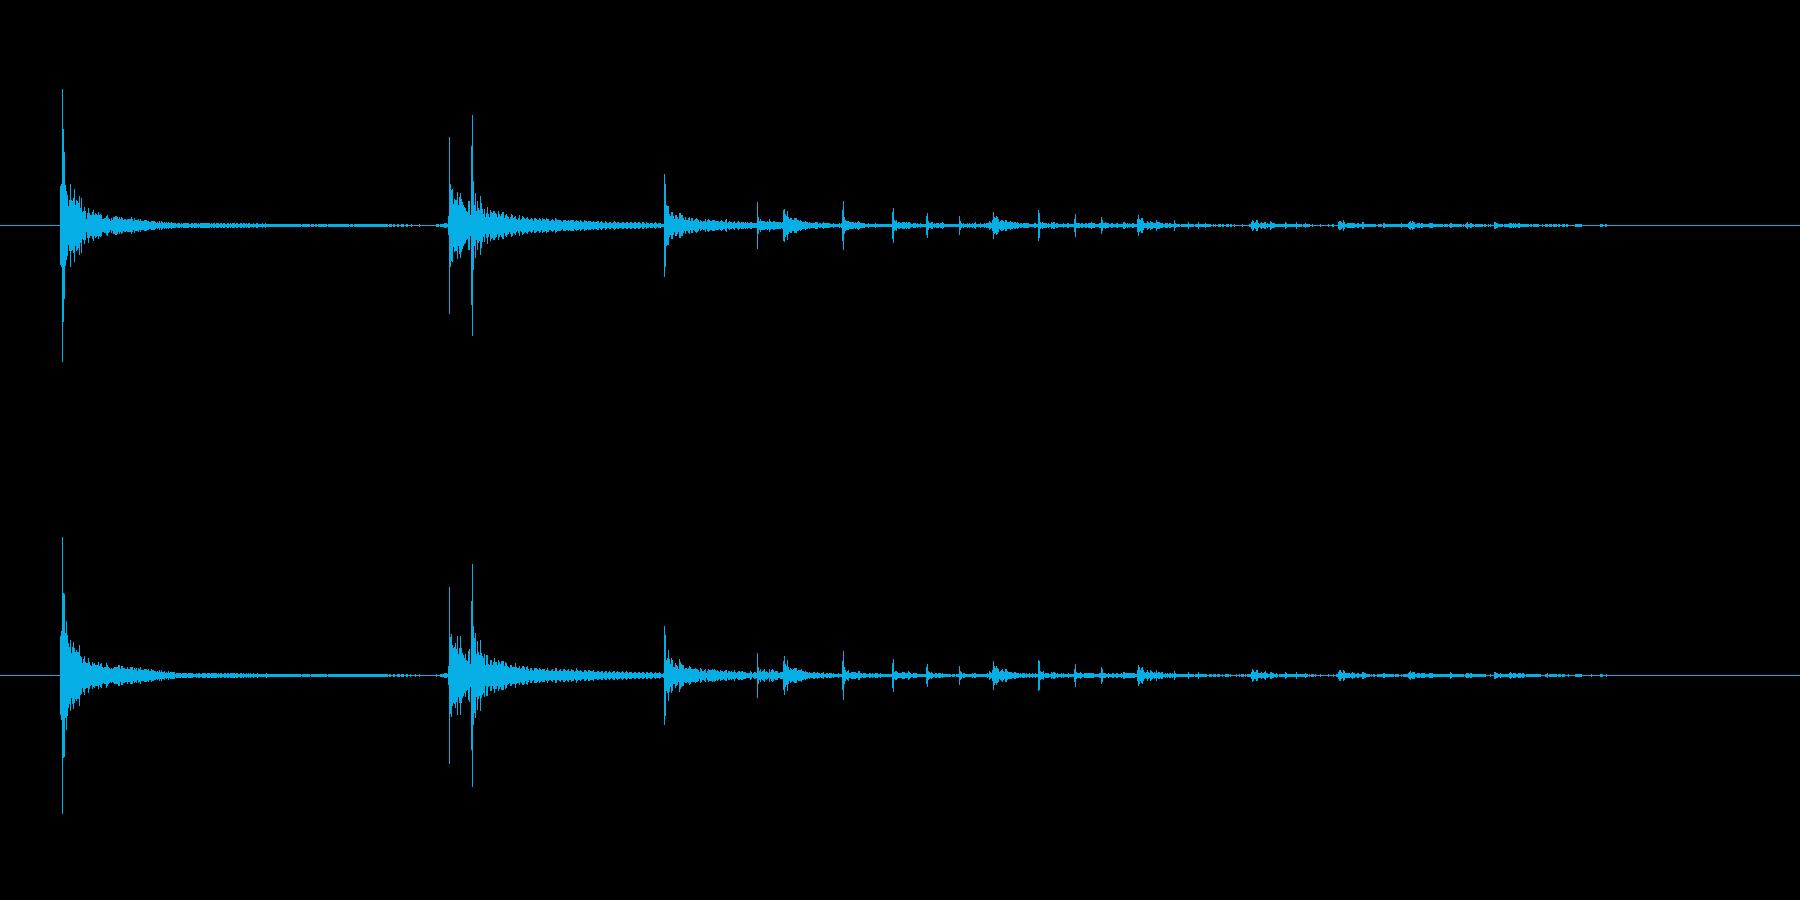 アルミ缶が落ちる音(木の板ドライ)高度中の再生済みの波形